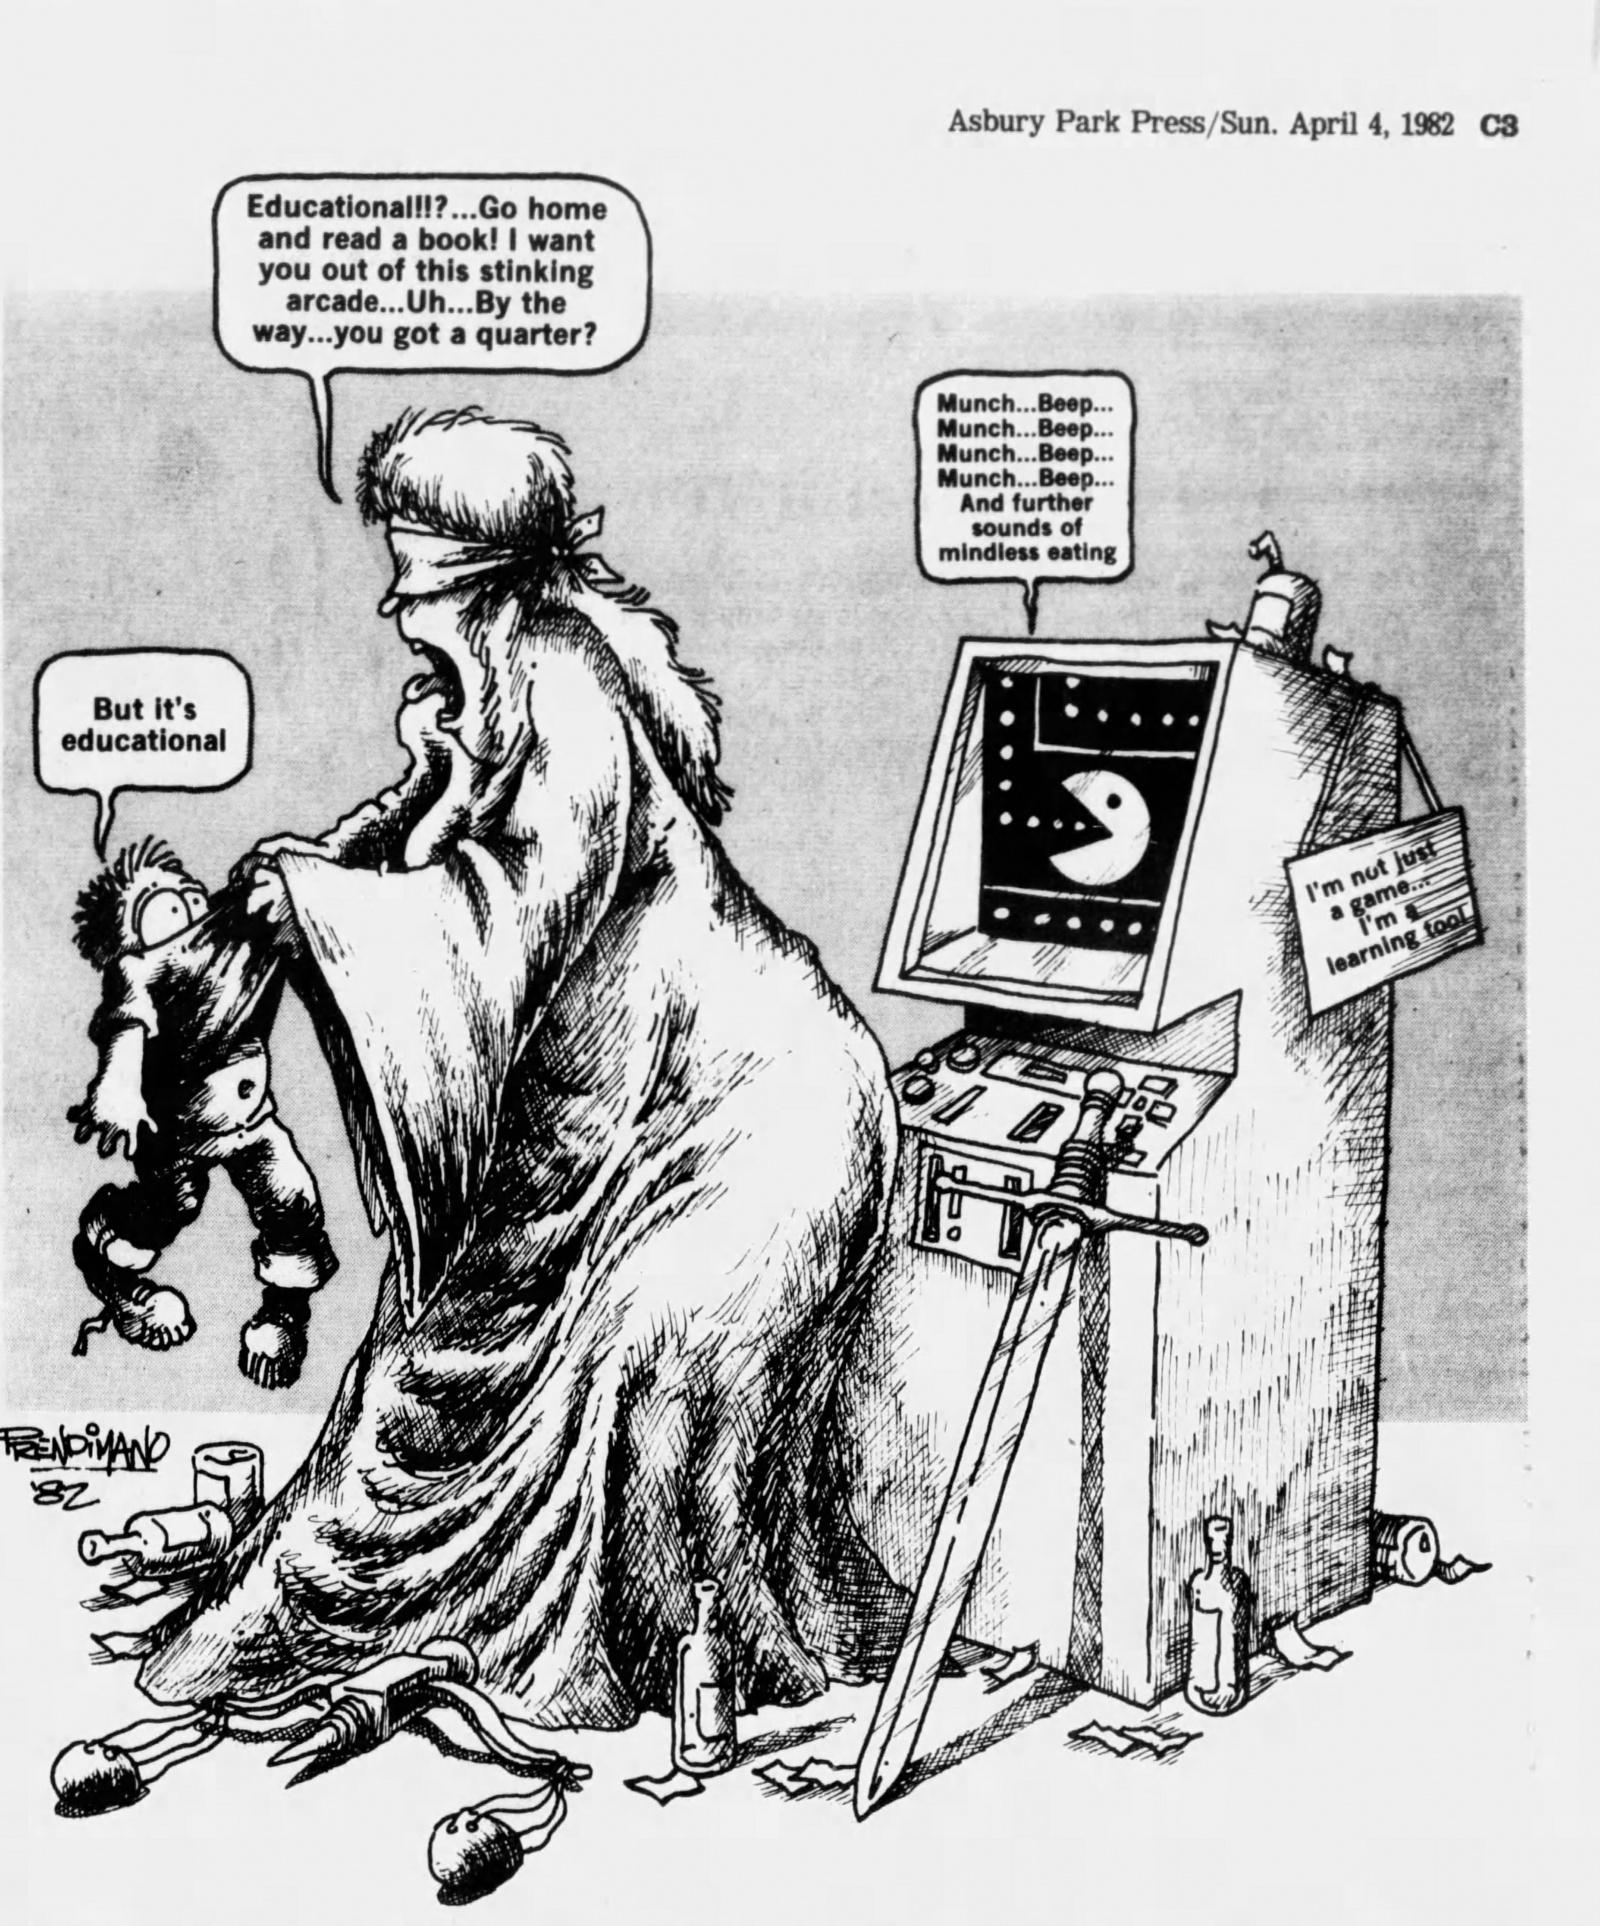 Магазинные крысы, видиоты и игроманы: пропаганда вреда видеоигр, шедшая в 80-х годах - 7